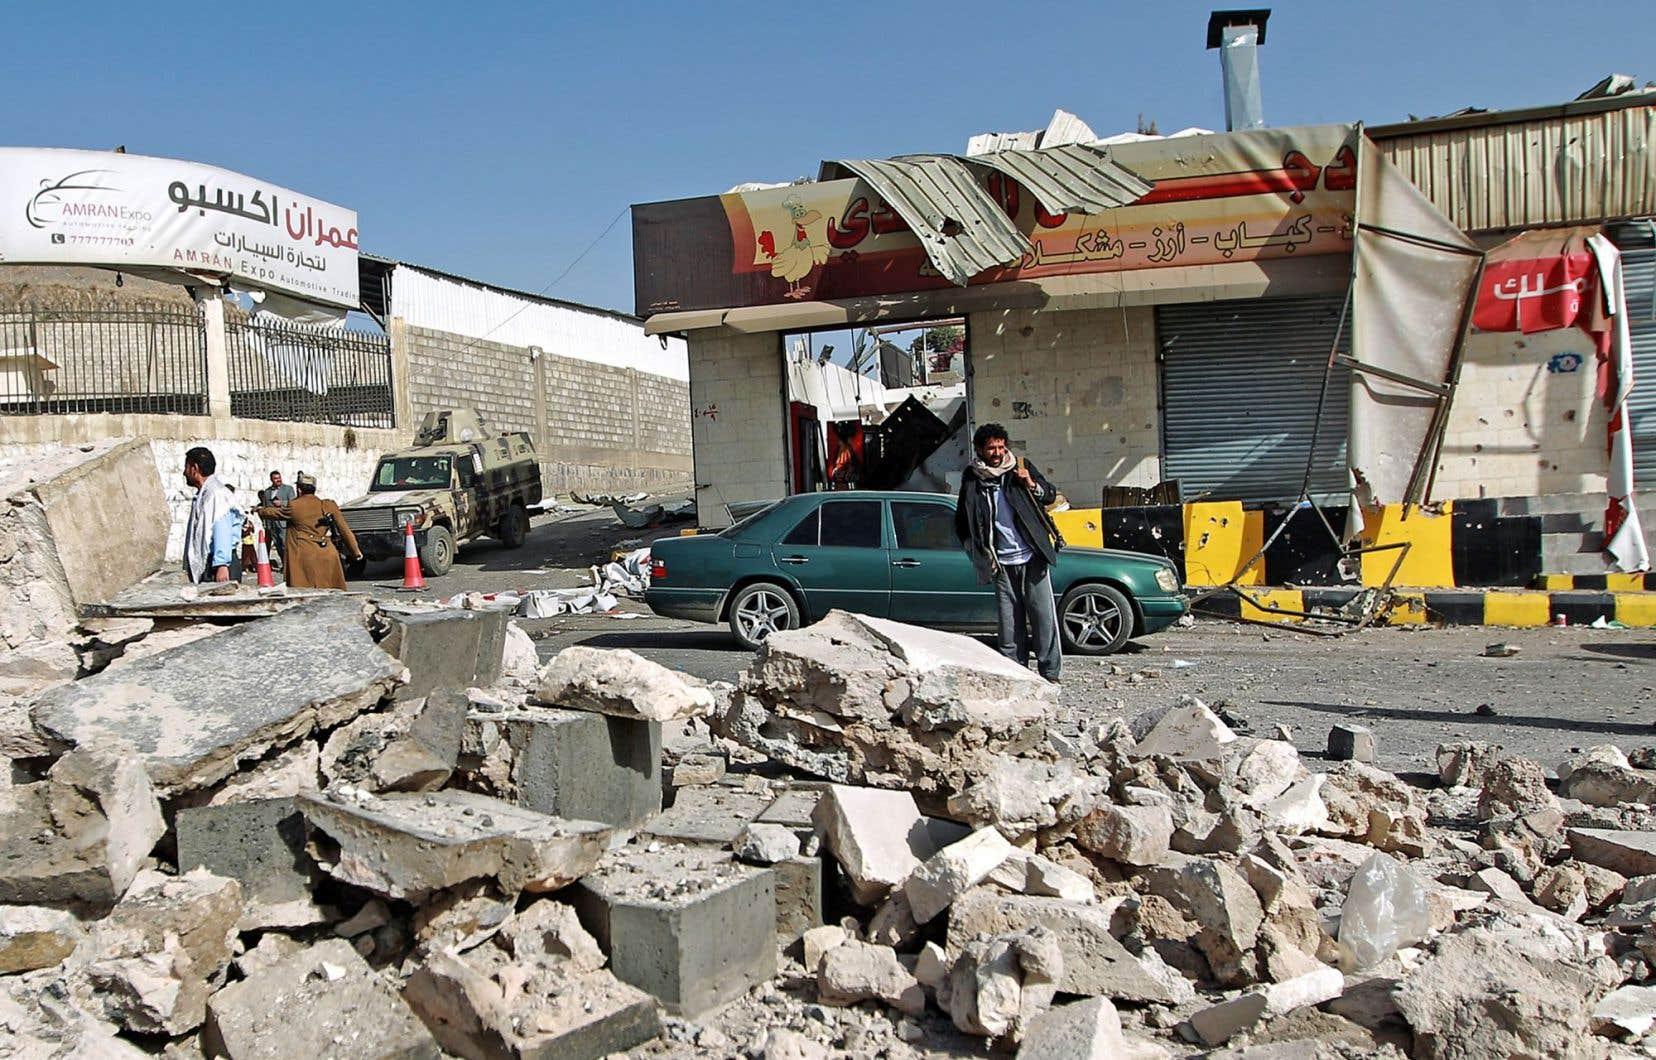 Les dommages sont importants près du palais présidentiel, à Sanaa.